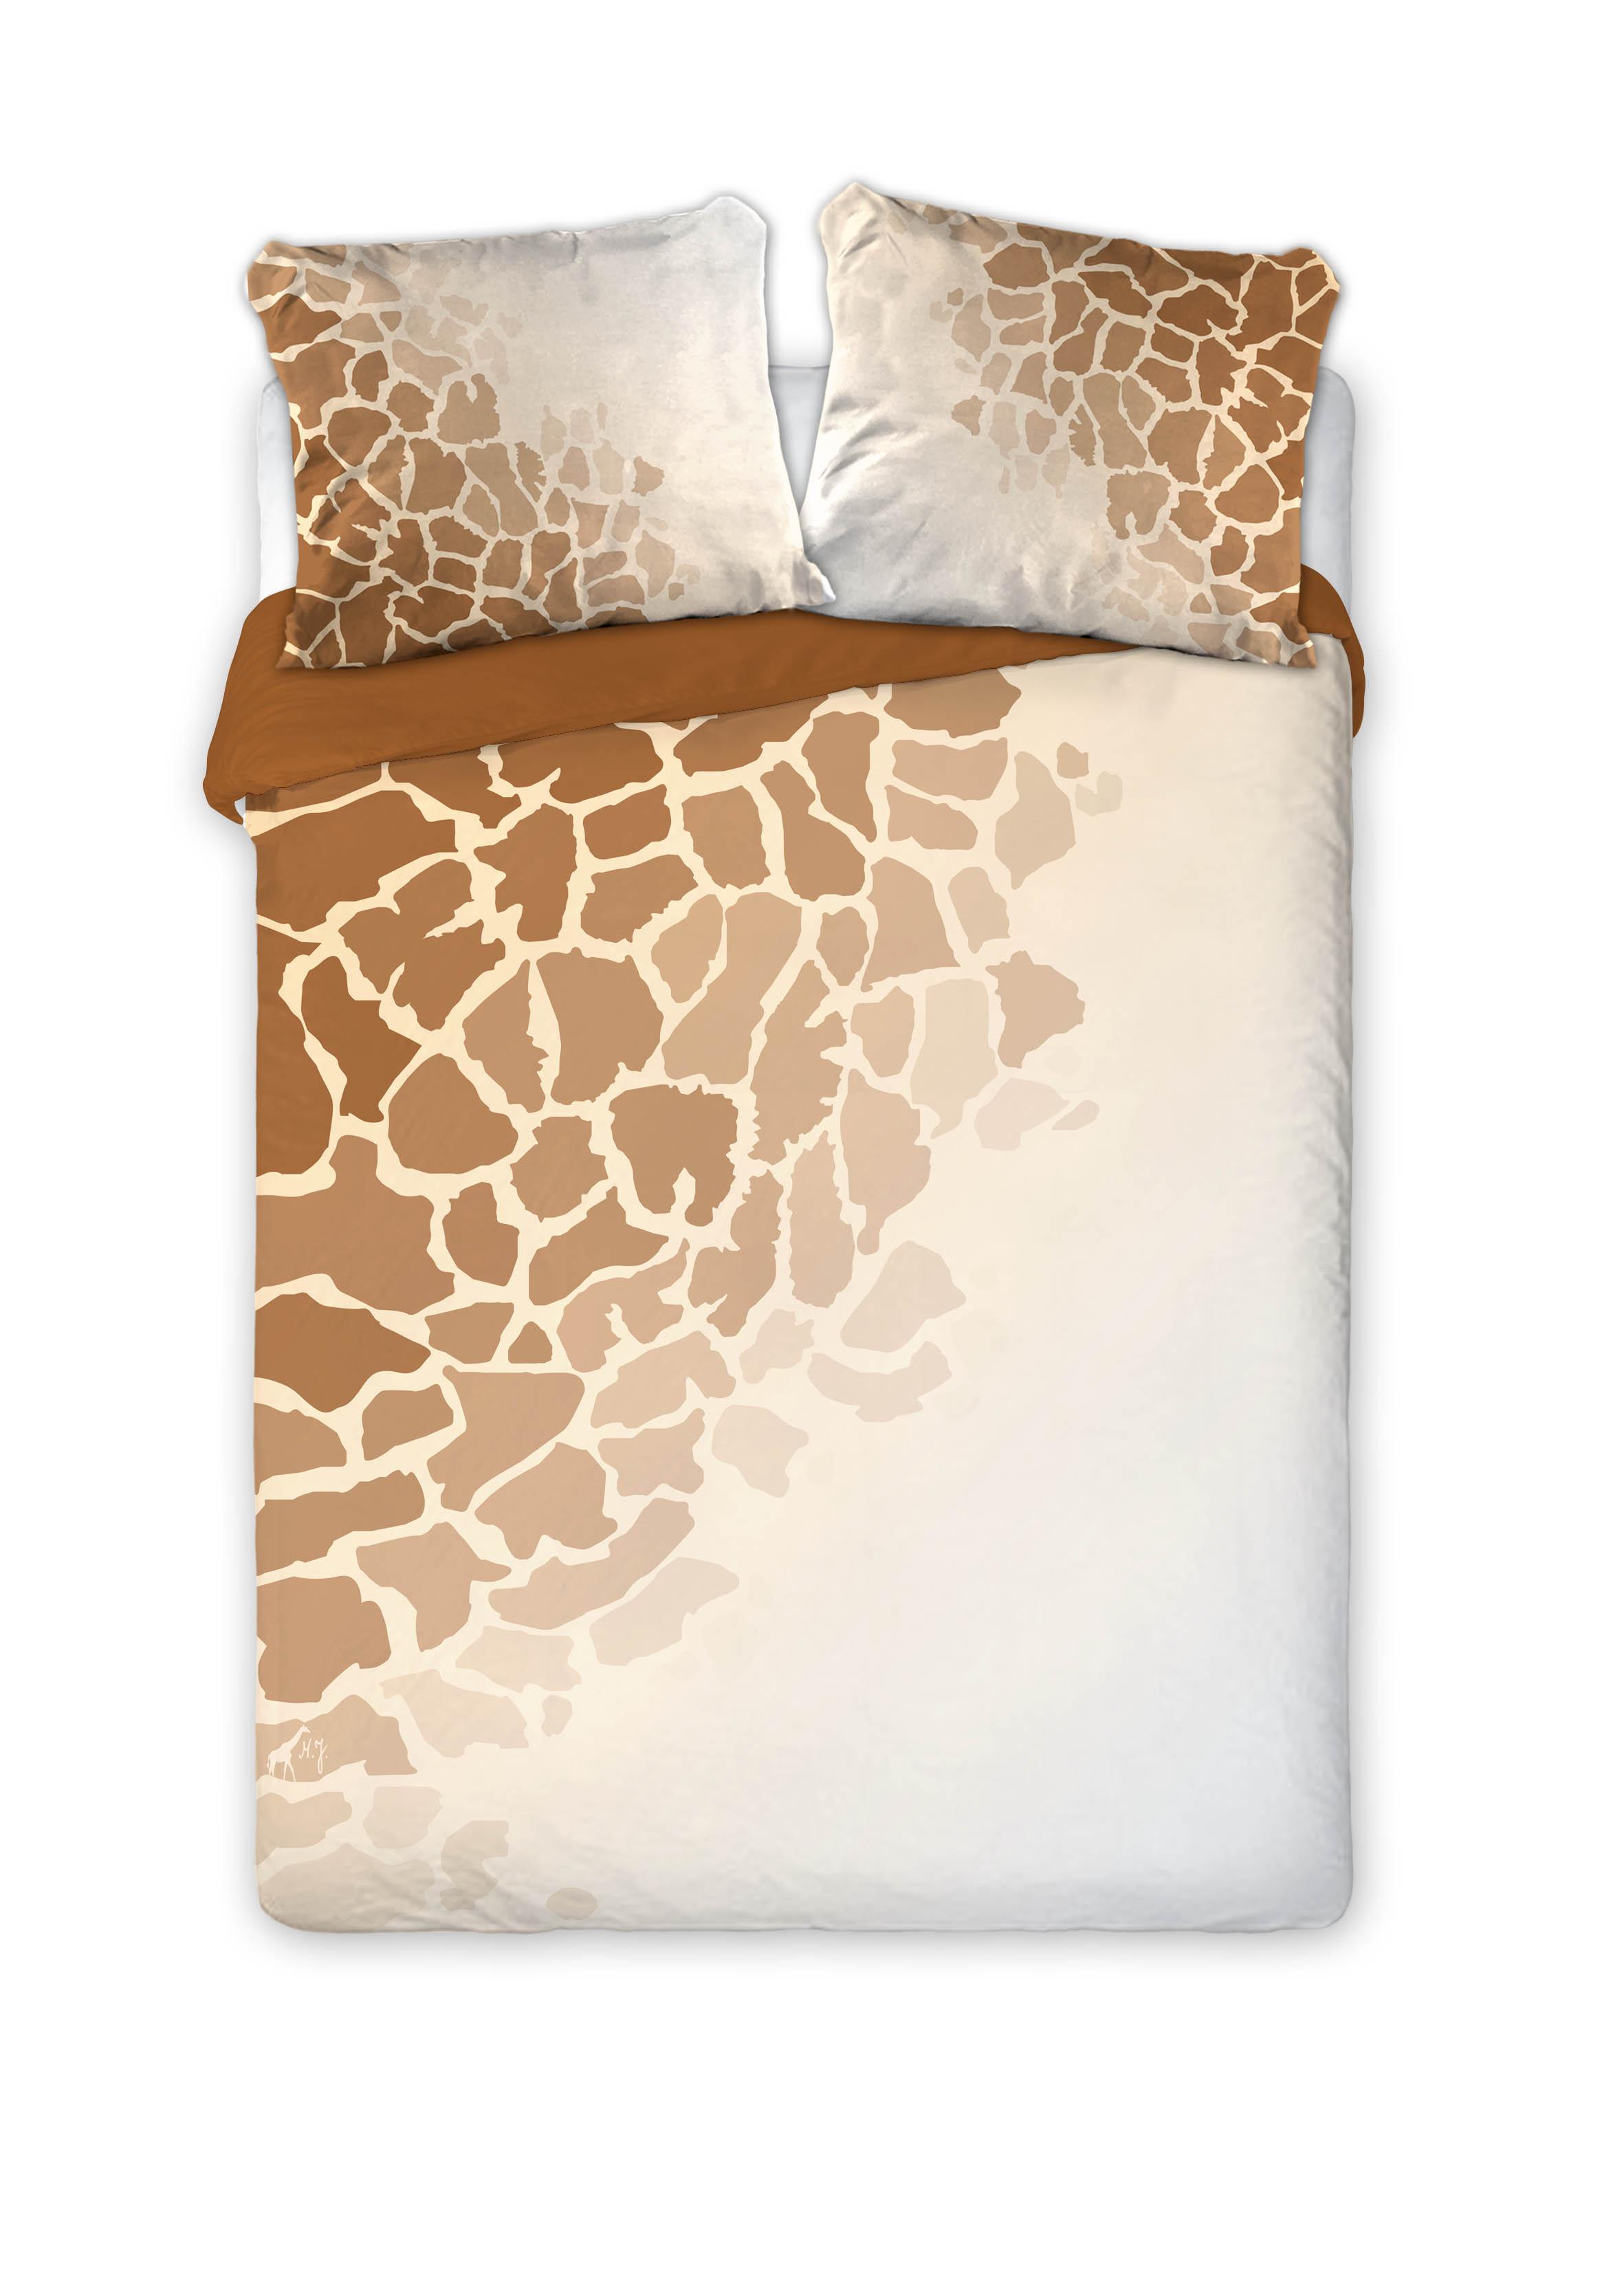 Bavlnené obliečky 140x200 ANIMAL žirafa